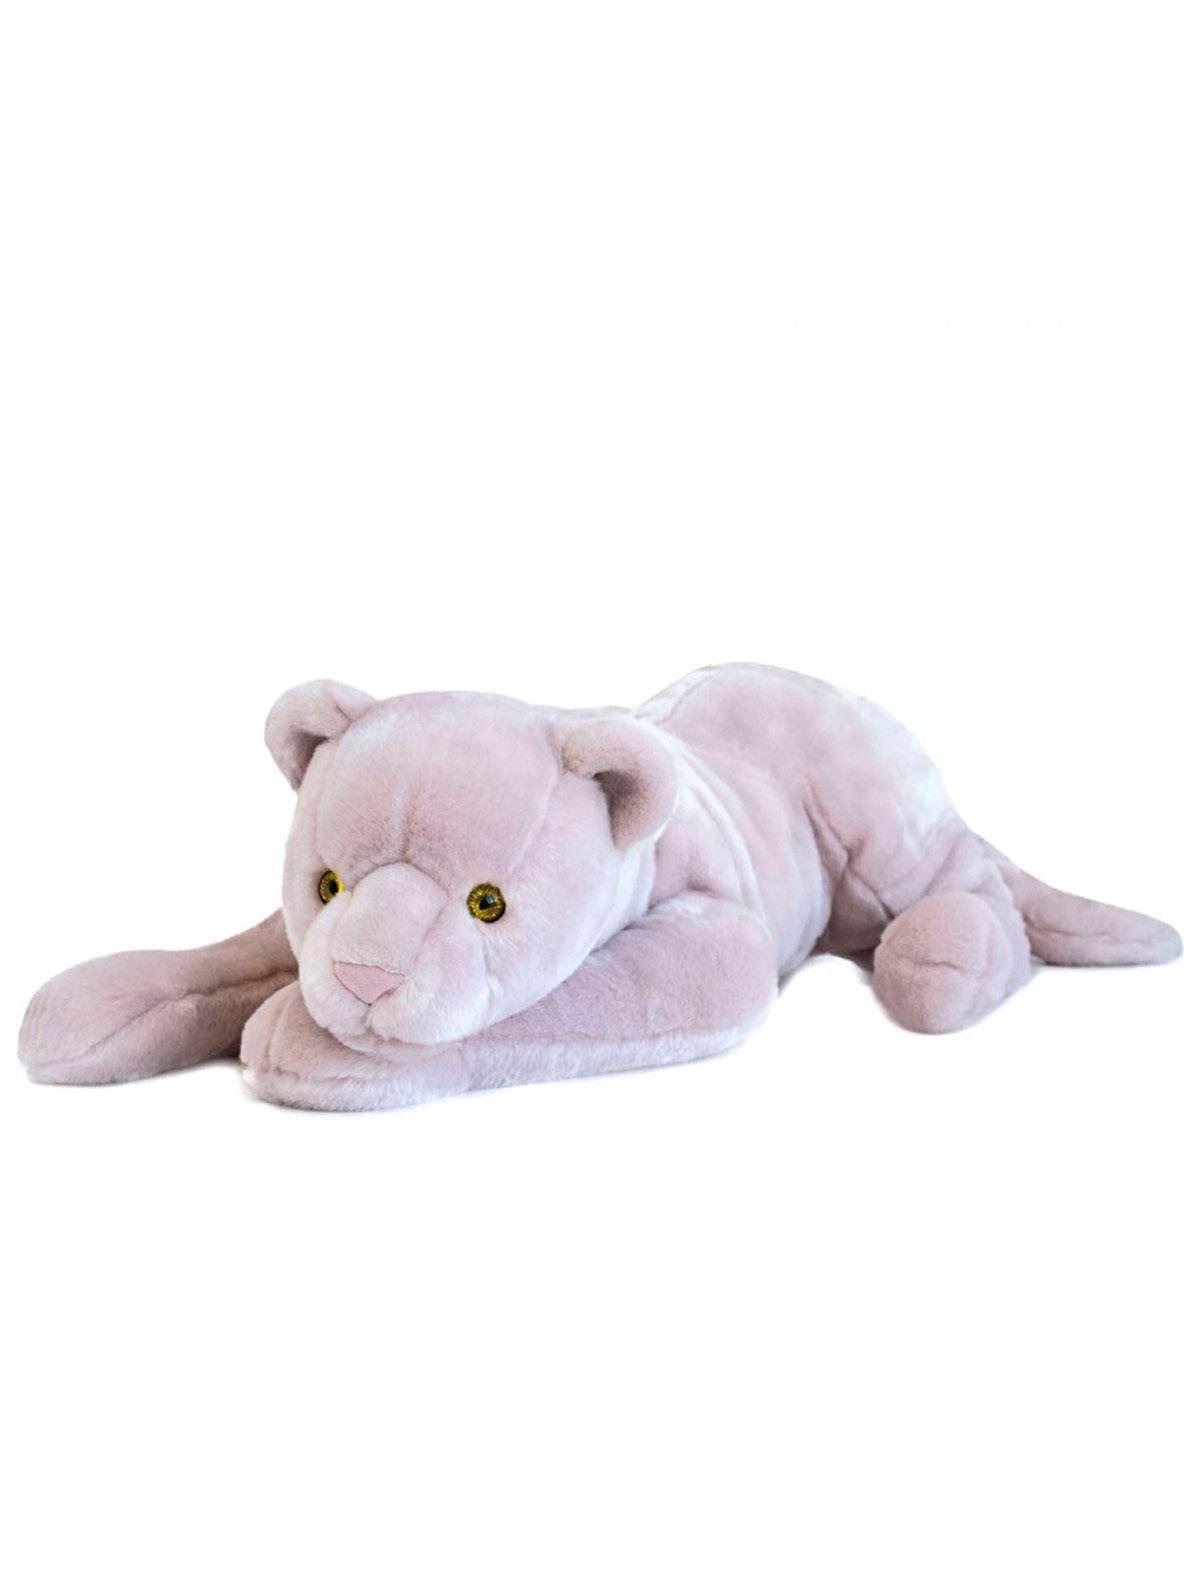 Купить 2320852, Игрушка мягкая Histoire D'Ours, розовый, 7124520170609